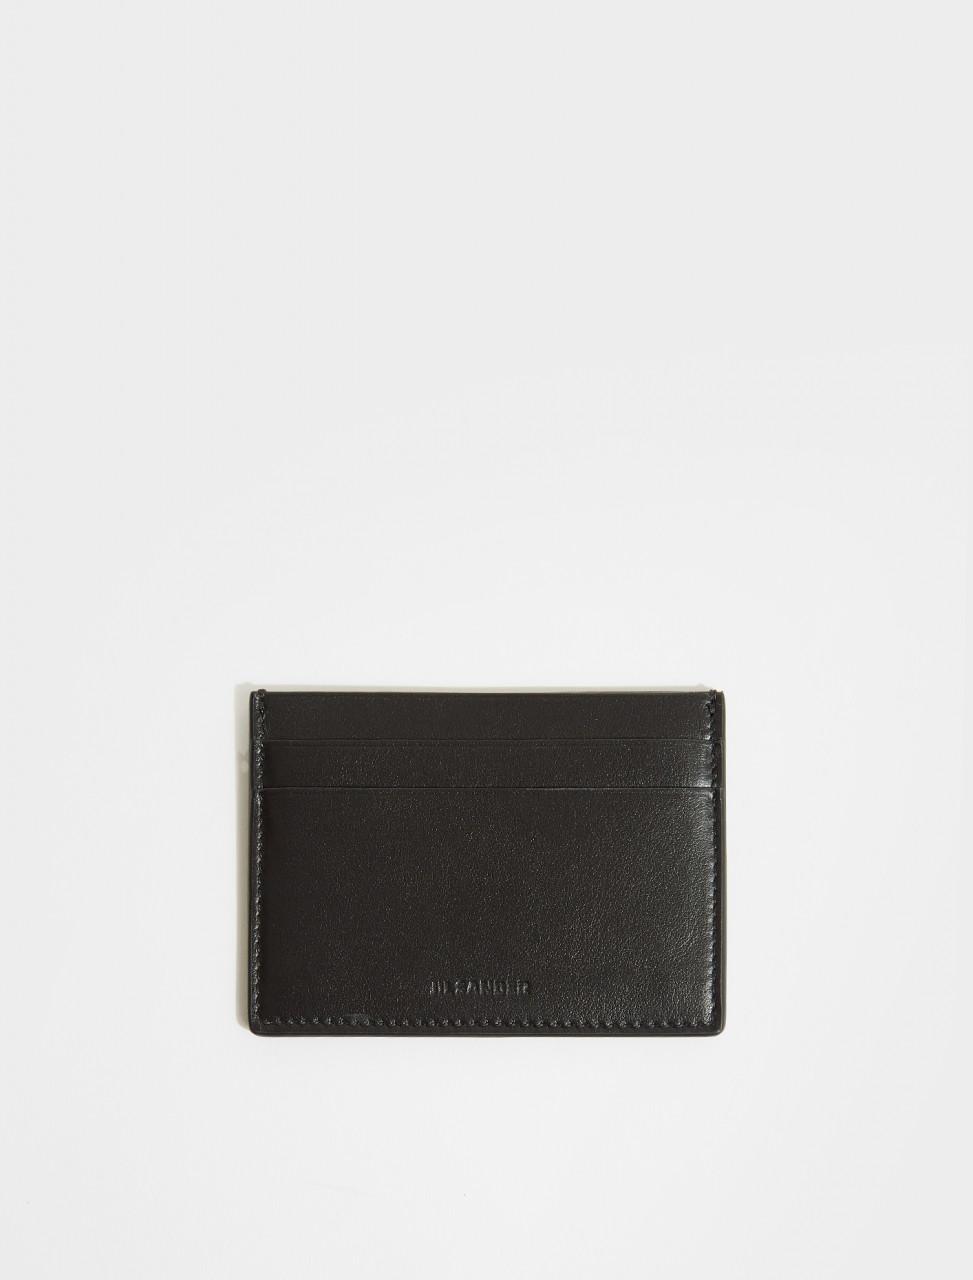 JSMS840058-MSS0008N-001 JIL SANDER CREDIT CARD HOLDER IN BLACK